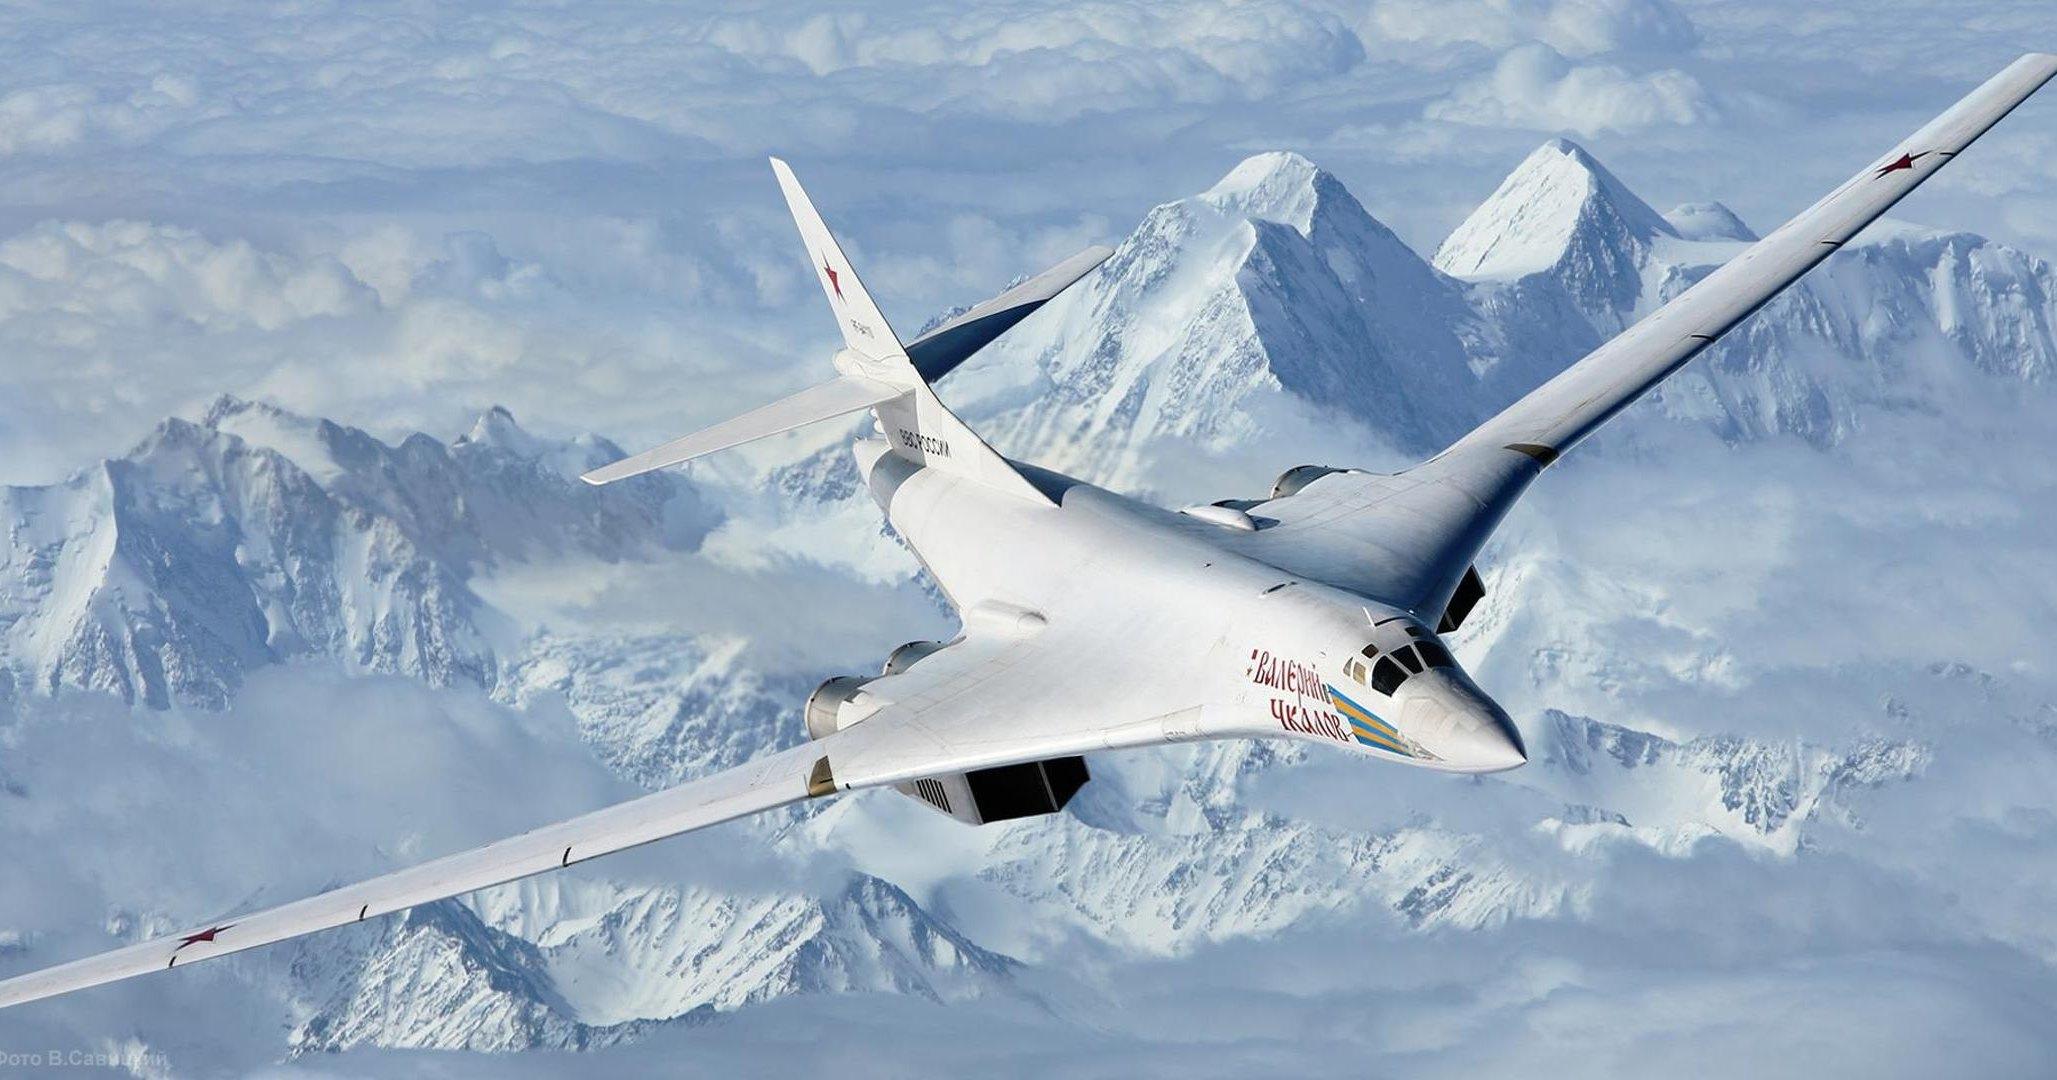 Уникальный «Белый лебедь» в воздухе: видео